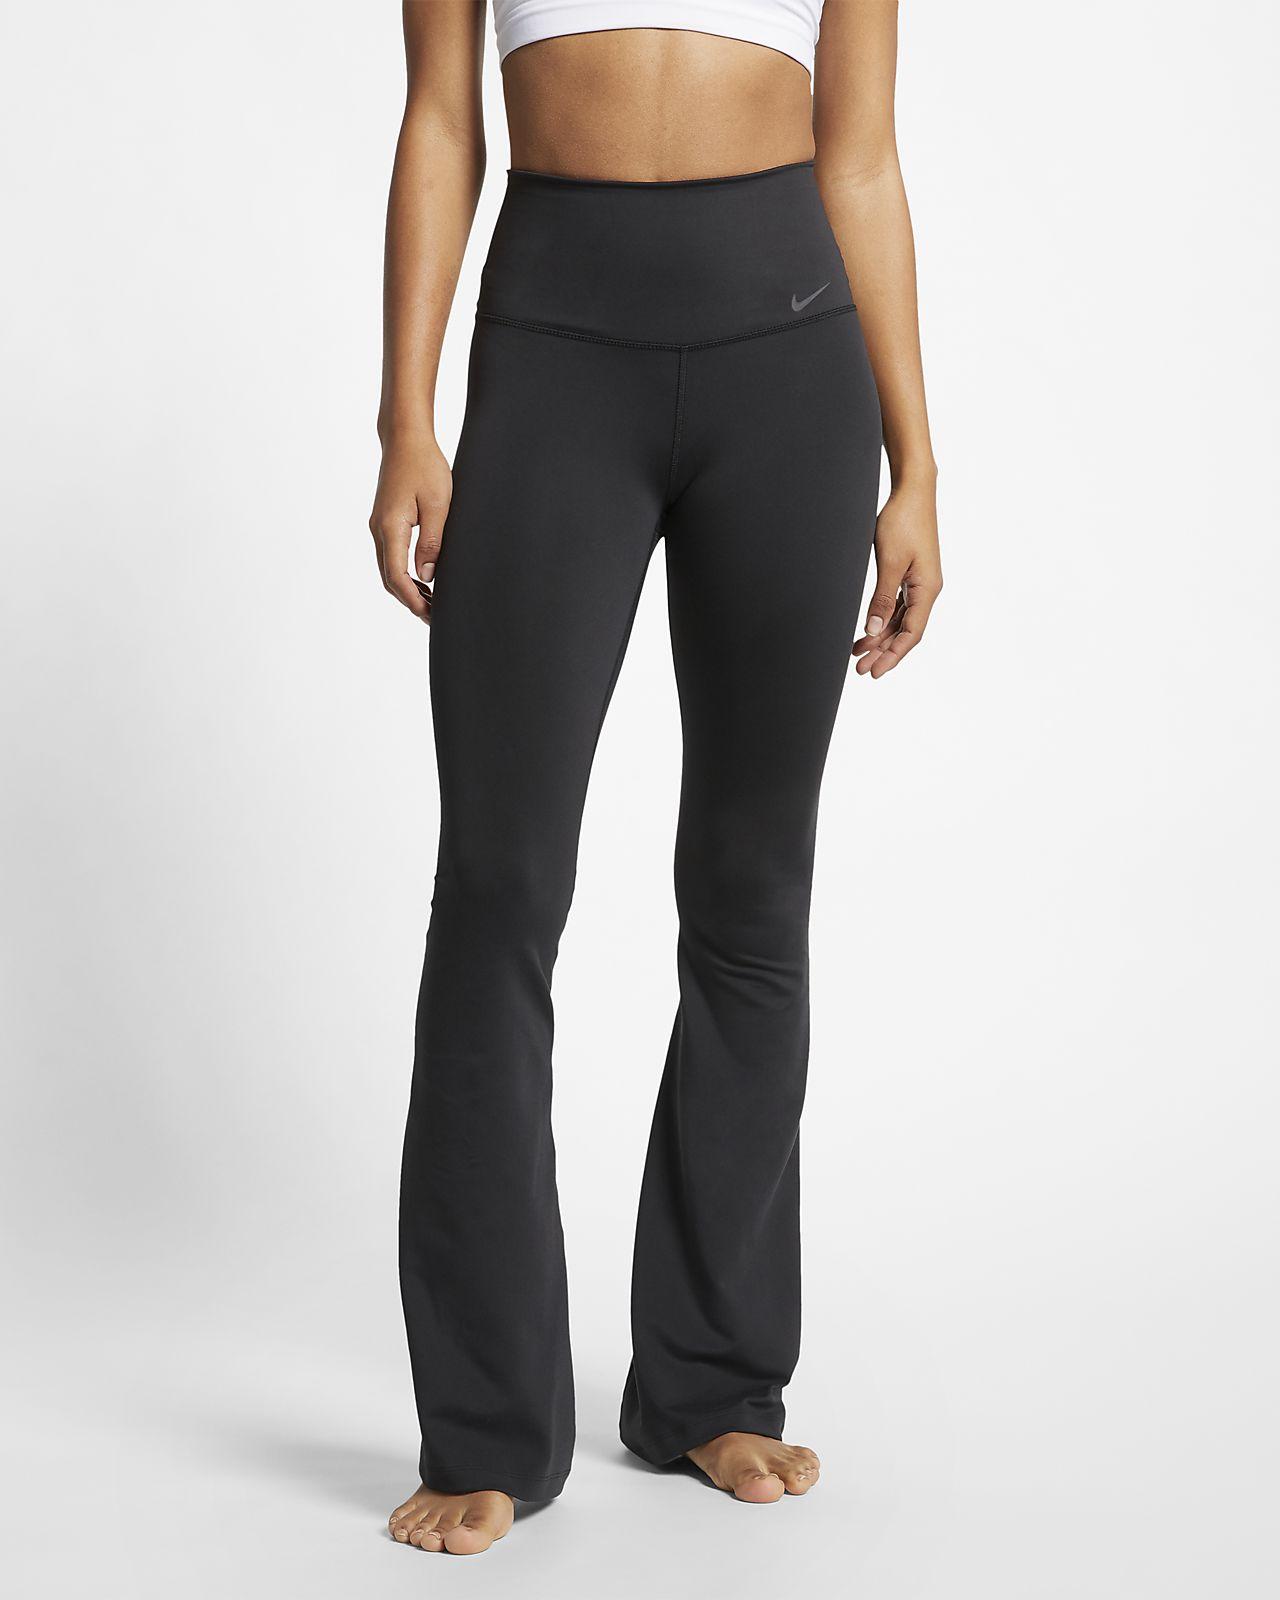 Γυναικείο κολάν προπόνησης Nike Power Dri-FIT